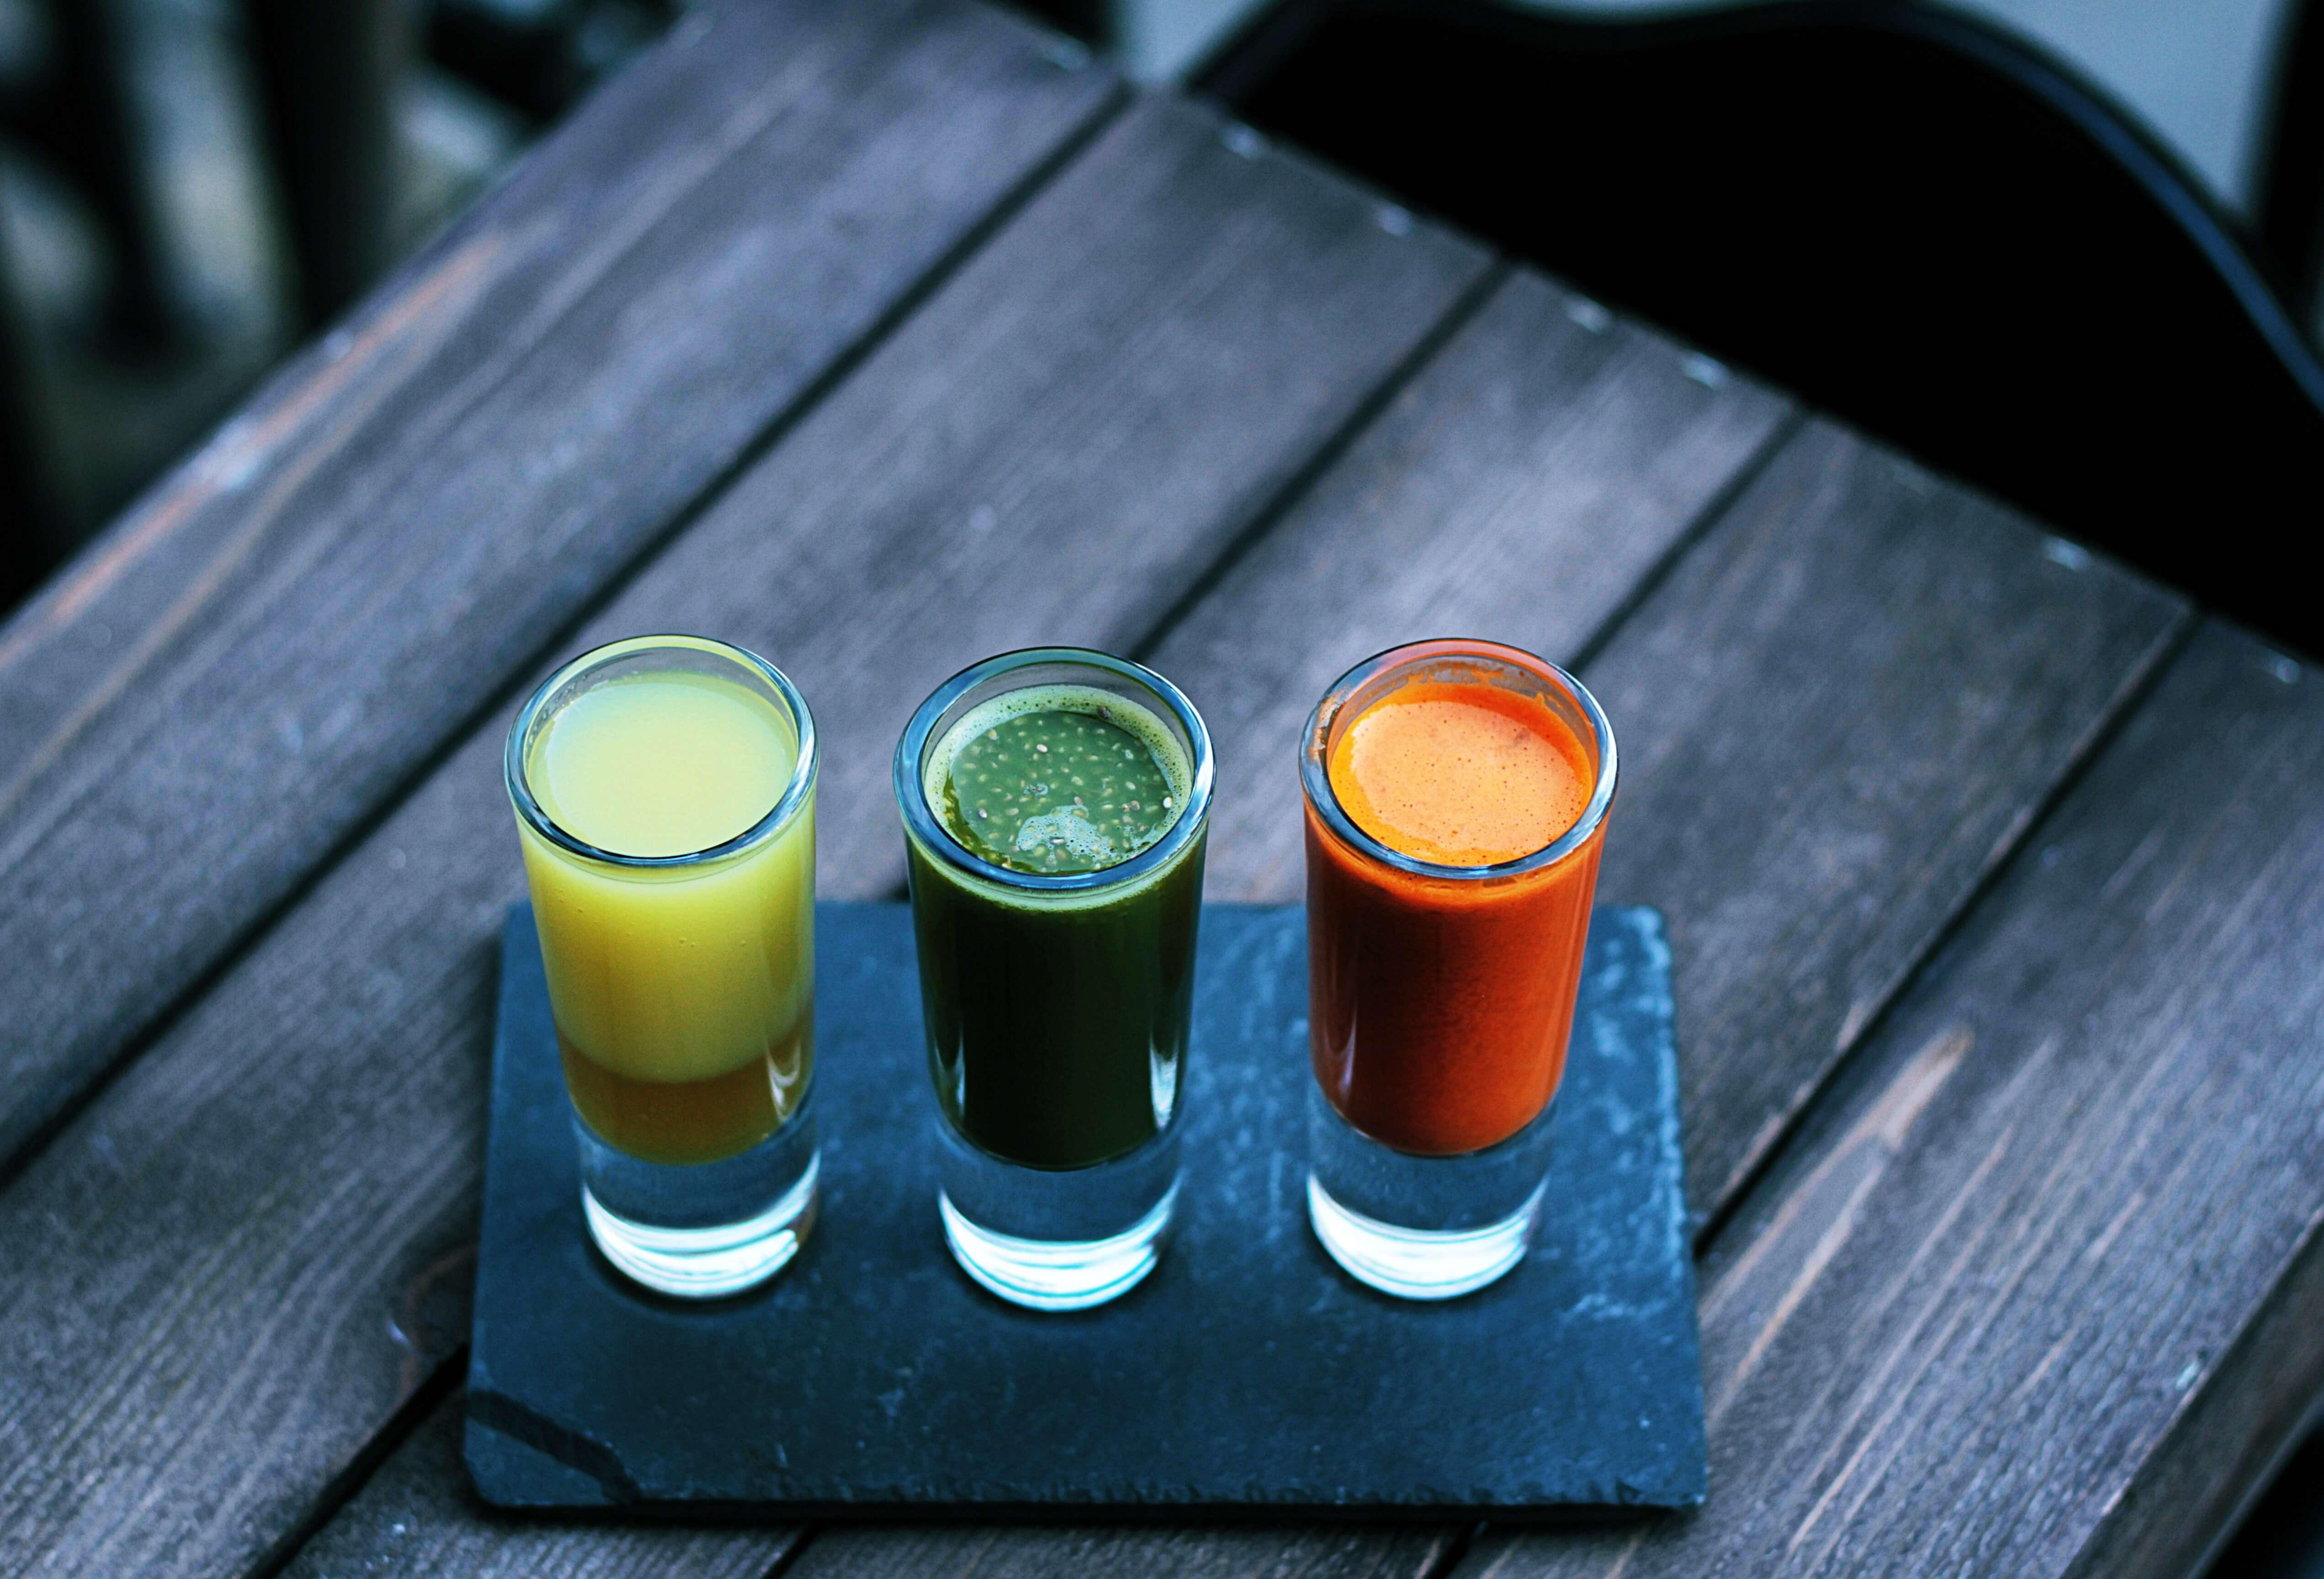 Несколько рецептов сока для очищения и здоровья вашей печени от нутрициолога Екатерины Йенсен